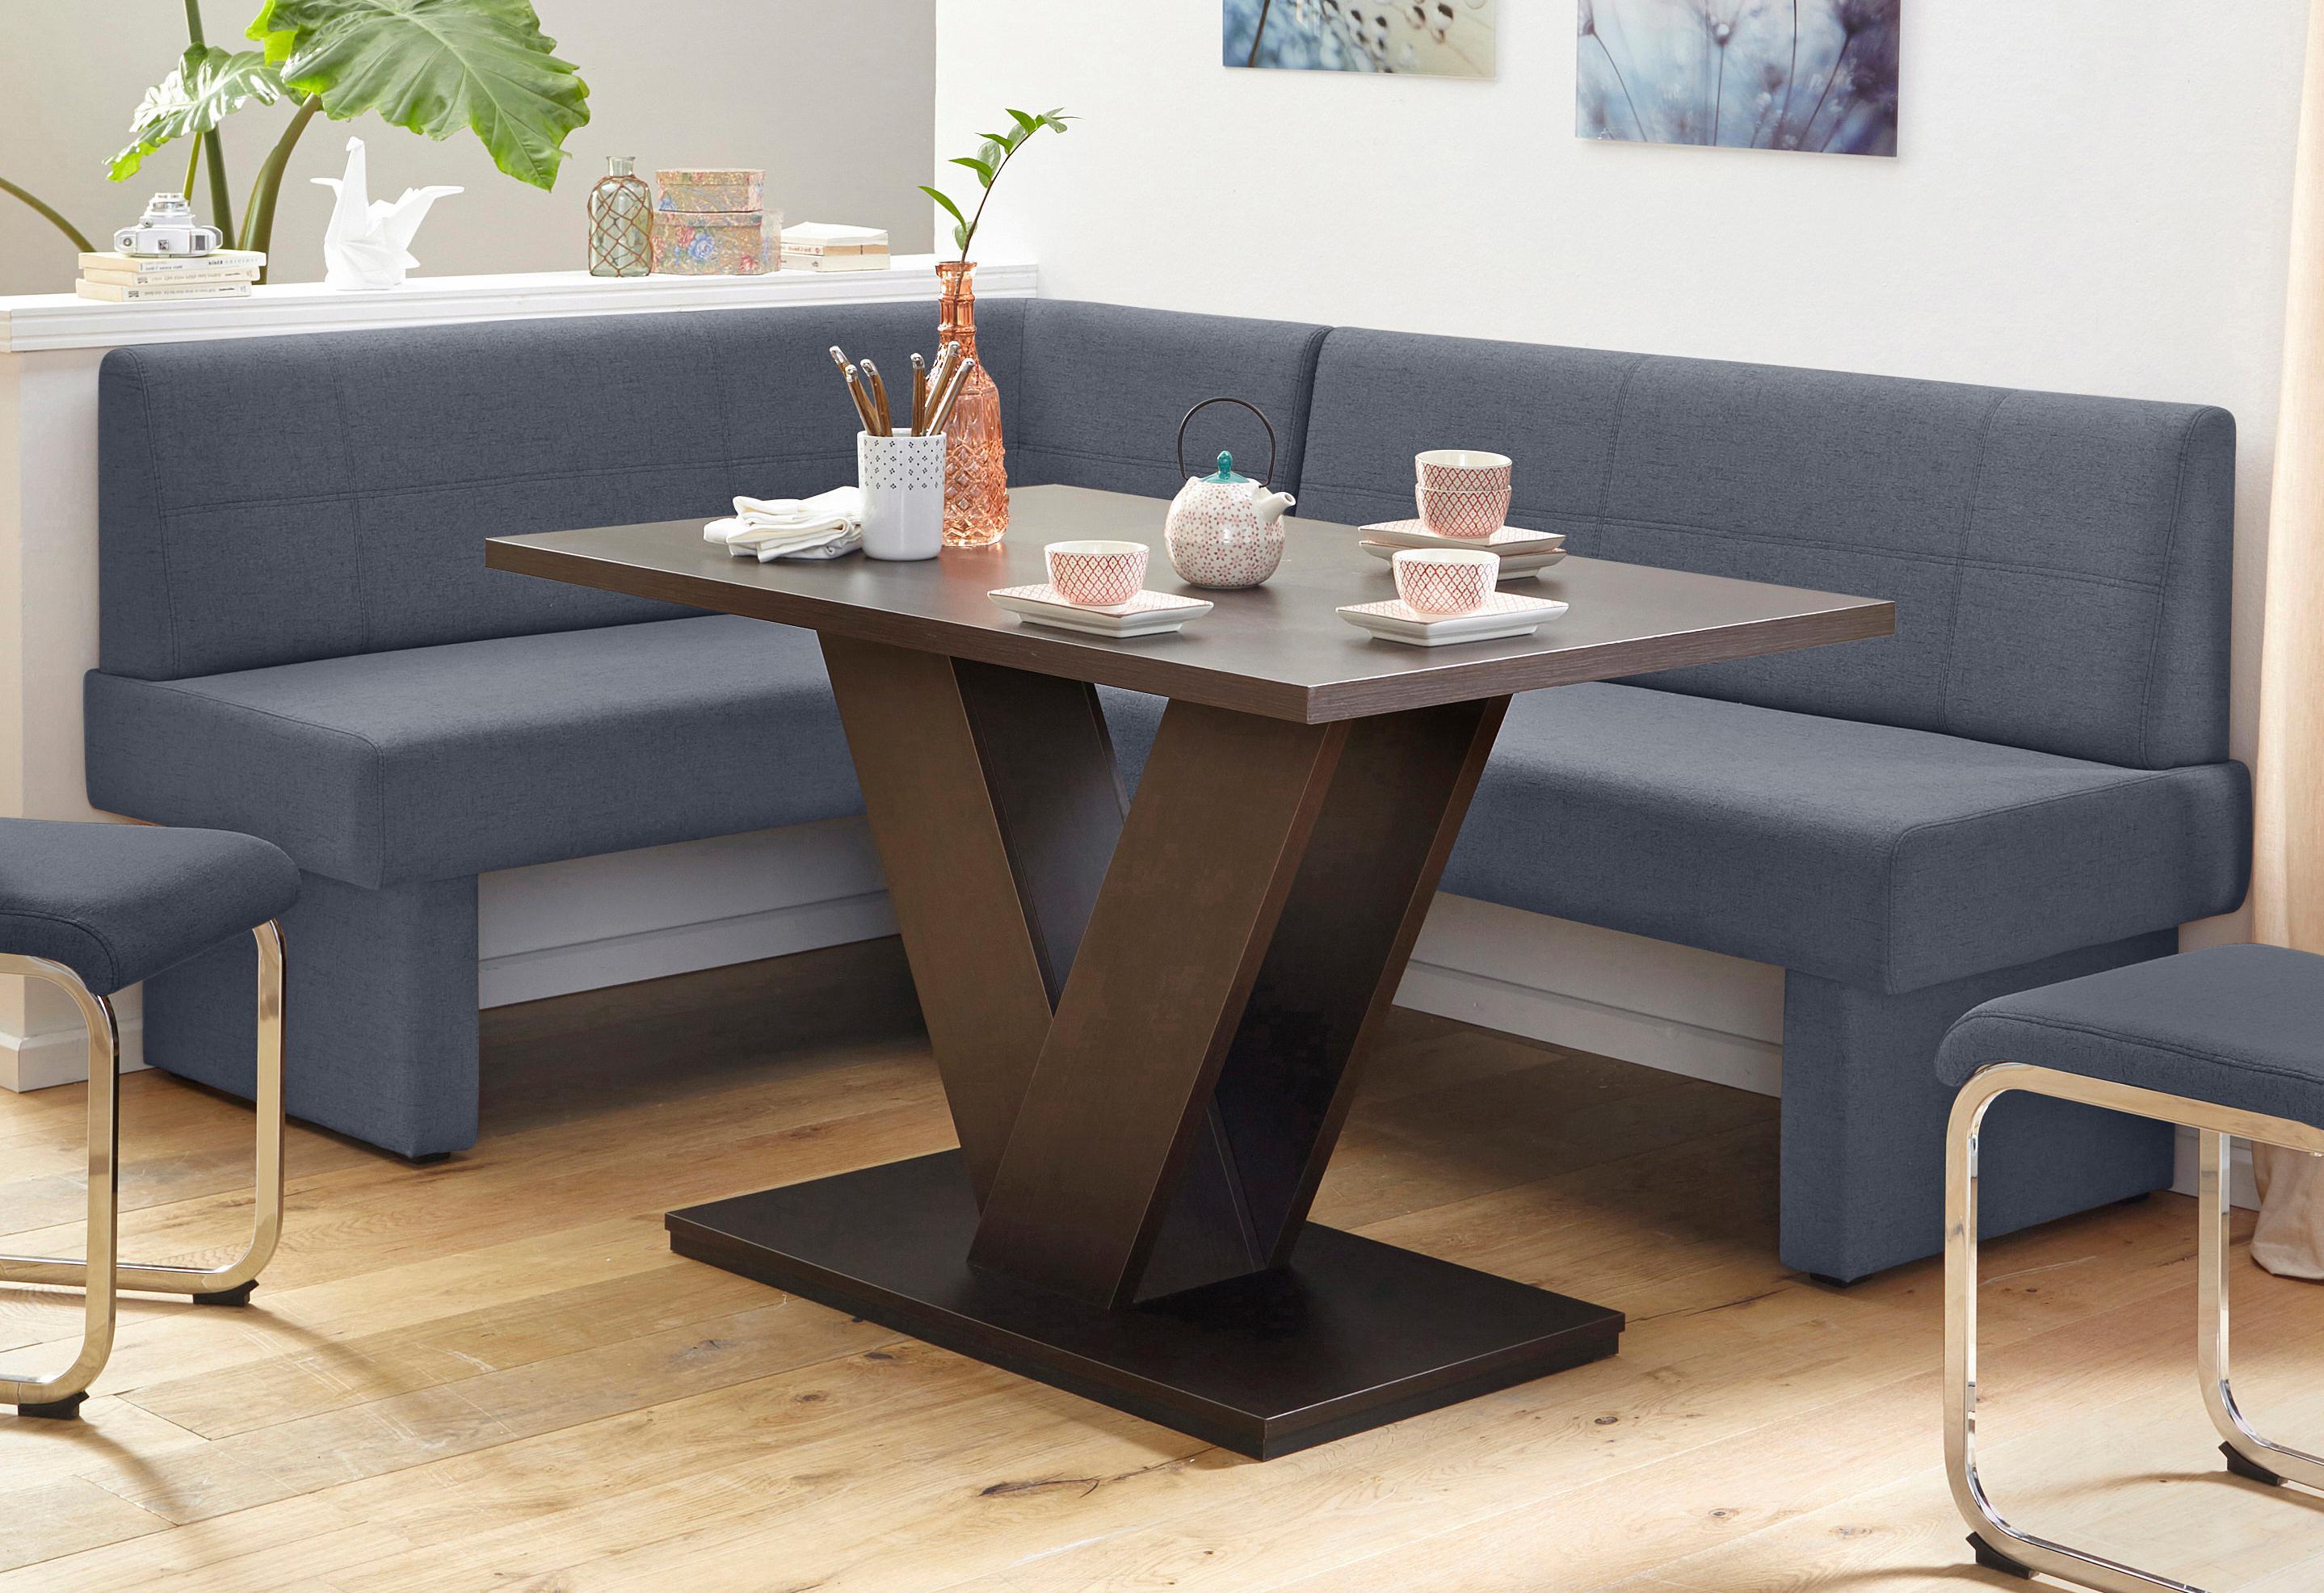 Eckbank mit Webstoff, Breite 202 cm | Küche und Esszimmer > Sitzbänke > Eckbänke | Massivholz - Strukturstoff - Webstoff - Polyester